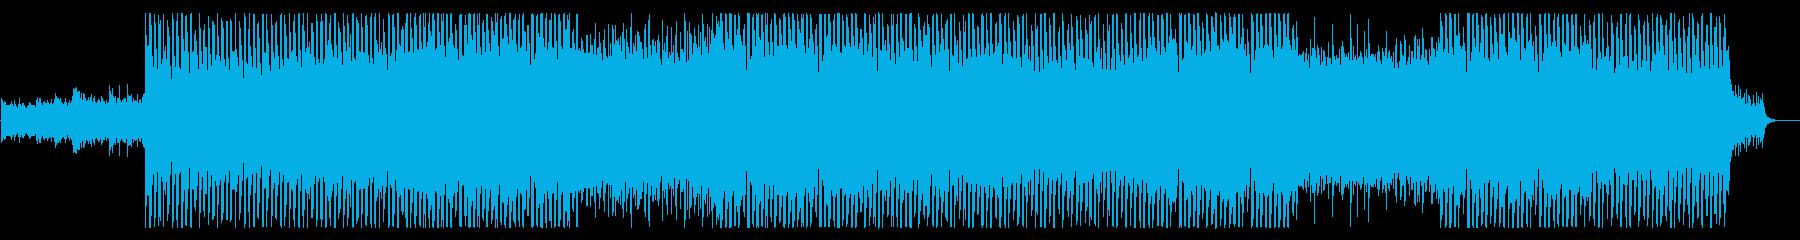 アップテンポで疾走感がある戦闘系BGMの再生済みの波形